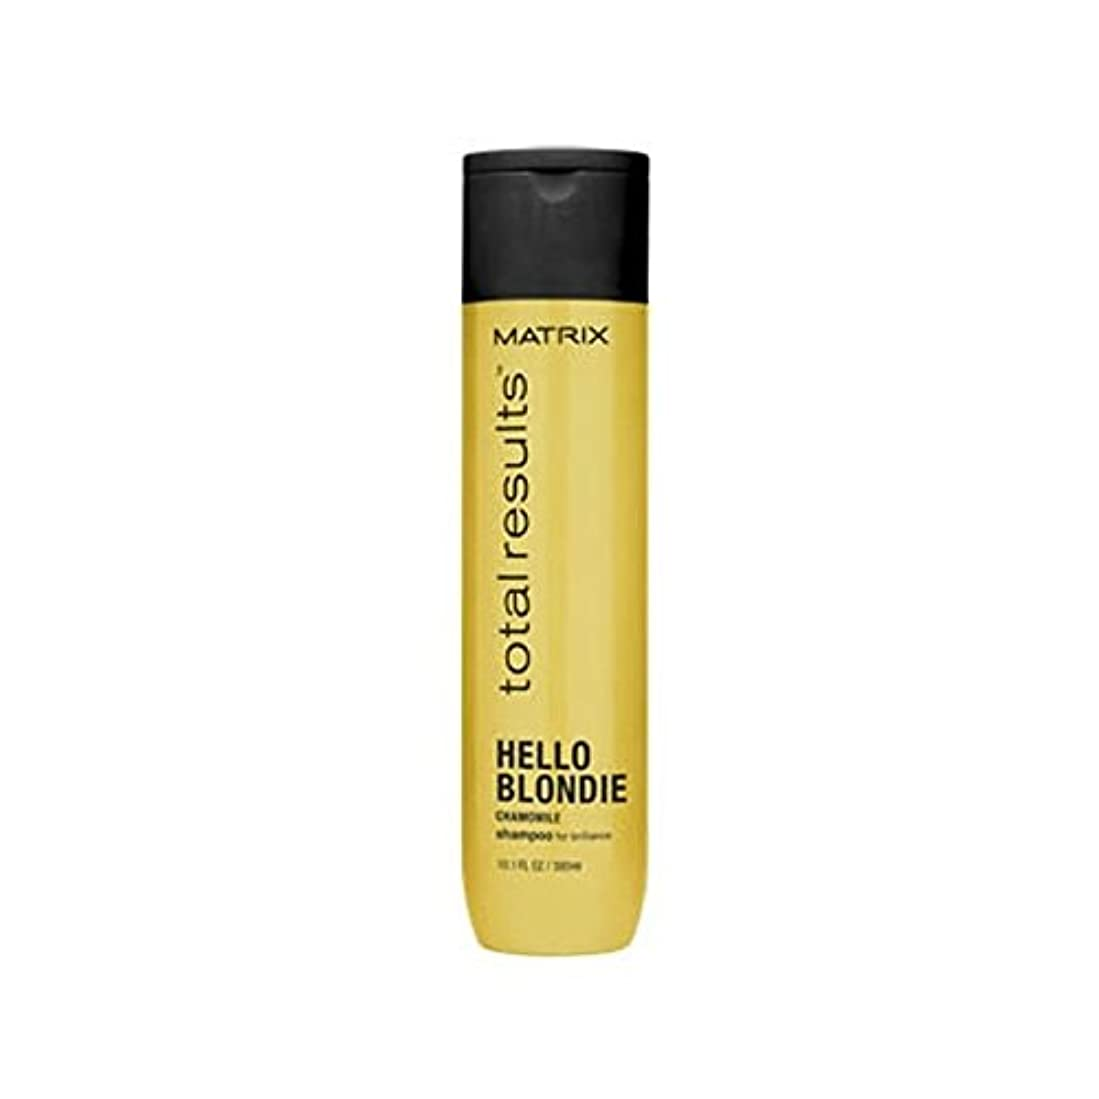 段階話す叙情的なマトリックスの総結果ハローブロンディシャンプー(300ミリリットル) x2 - Matrix Total Results Hello Blondie Shampoo (300ml) (Pack of 2) [並行輸入品]